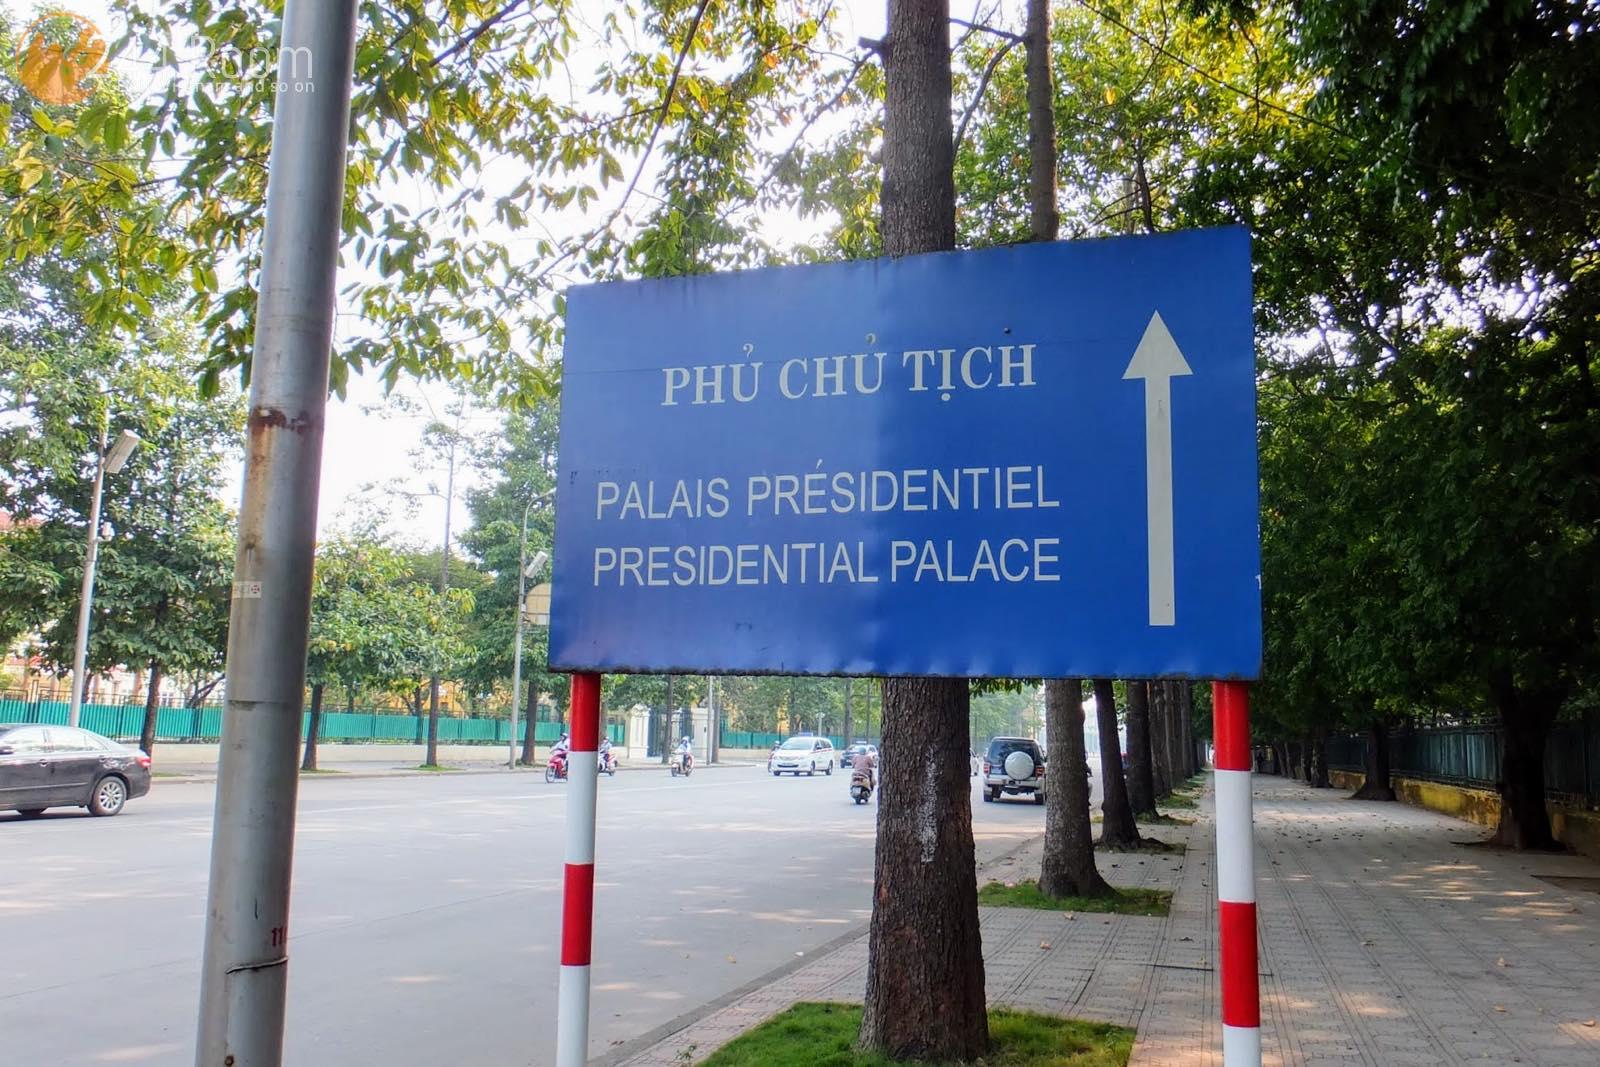 ベトナム大統領府看板 Presidential Palace sign2